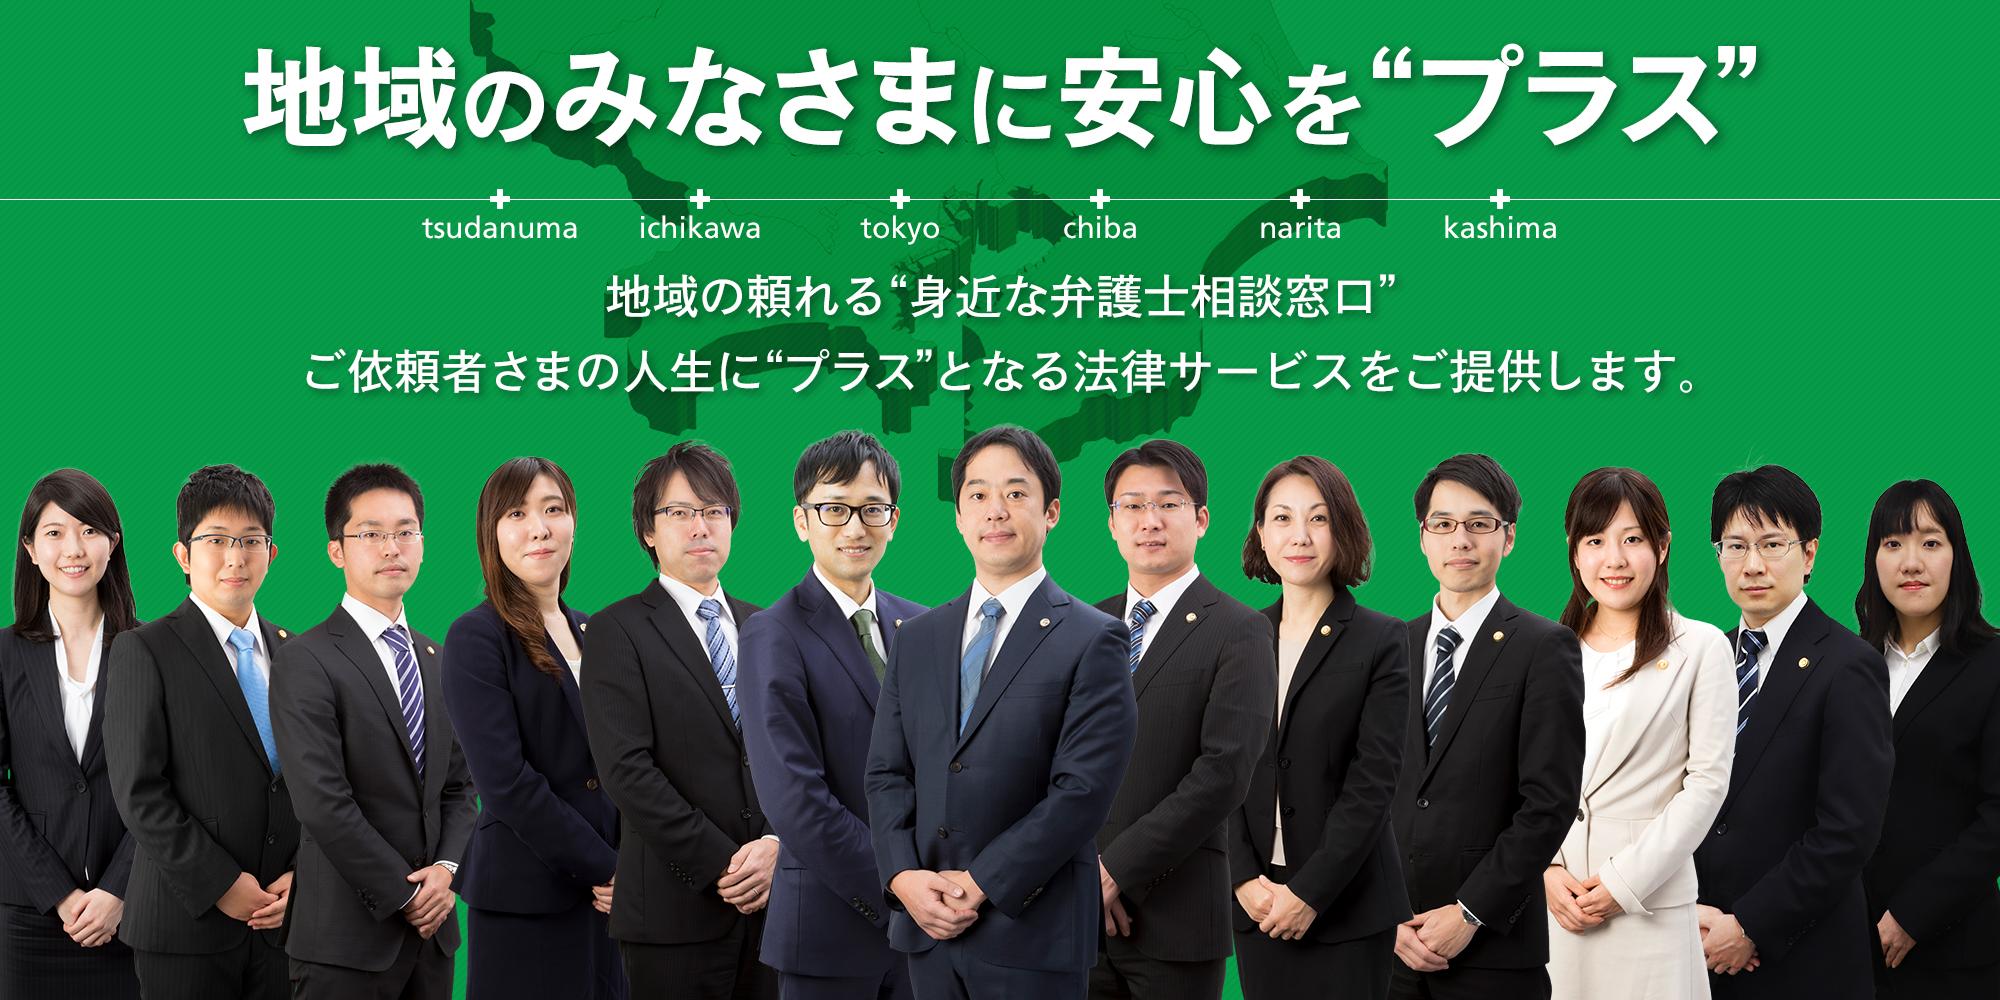 千葉の弁護士が地域の皆様に安心をプラス